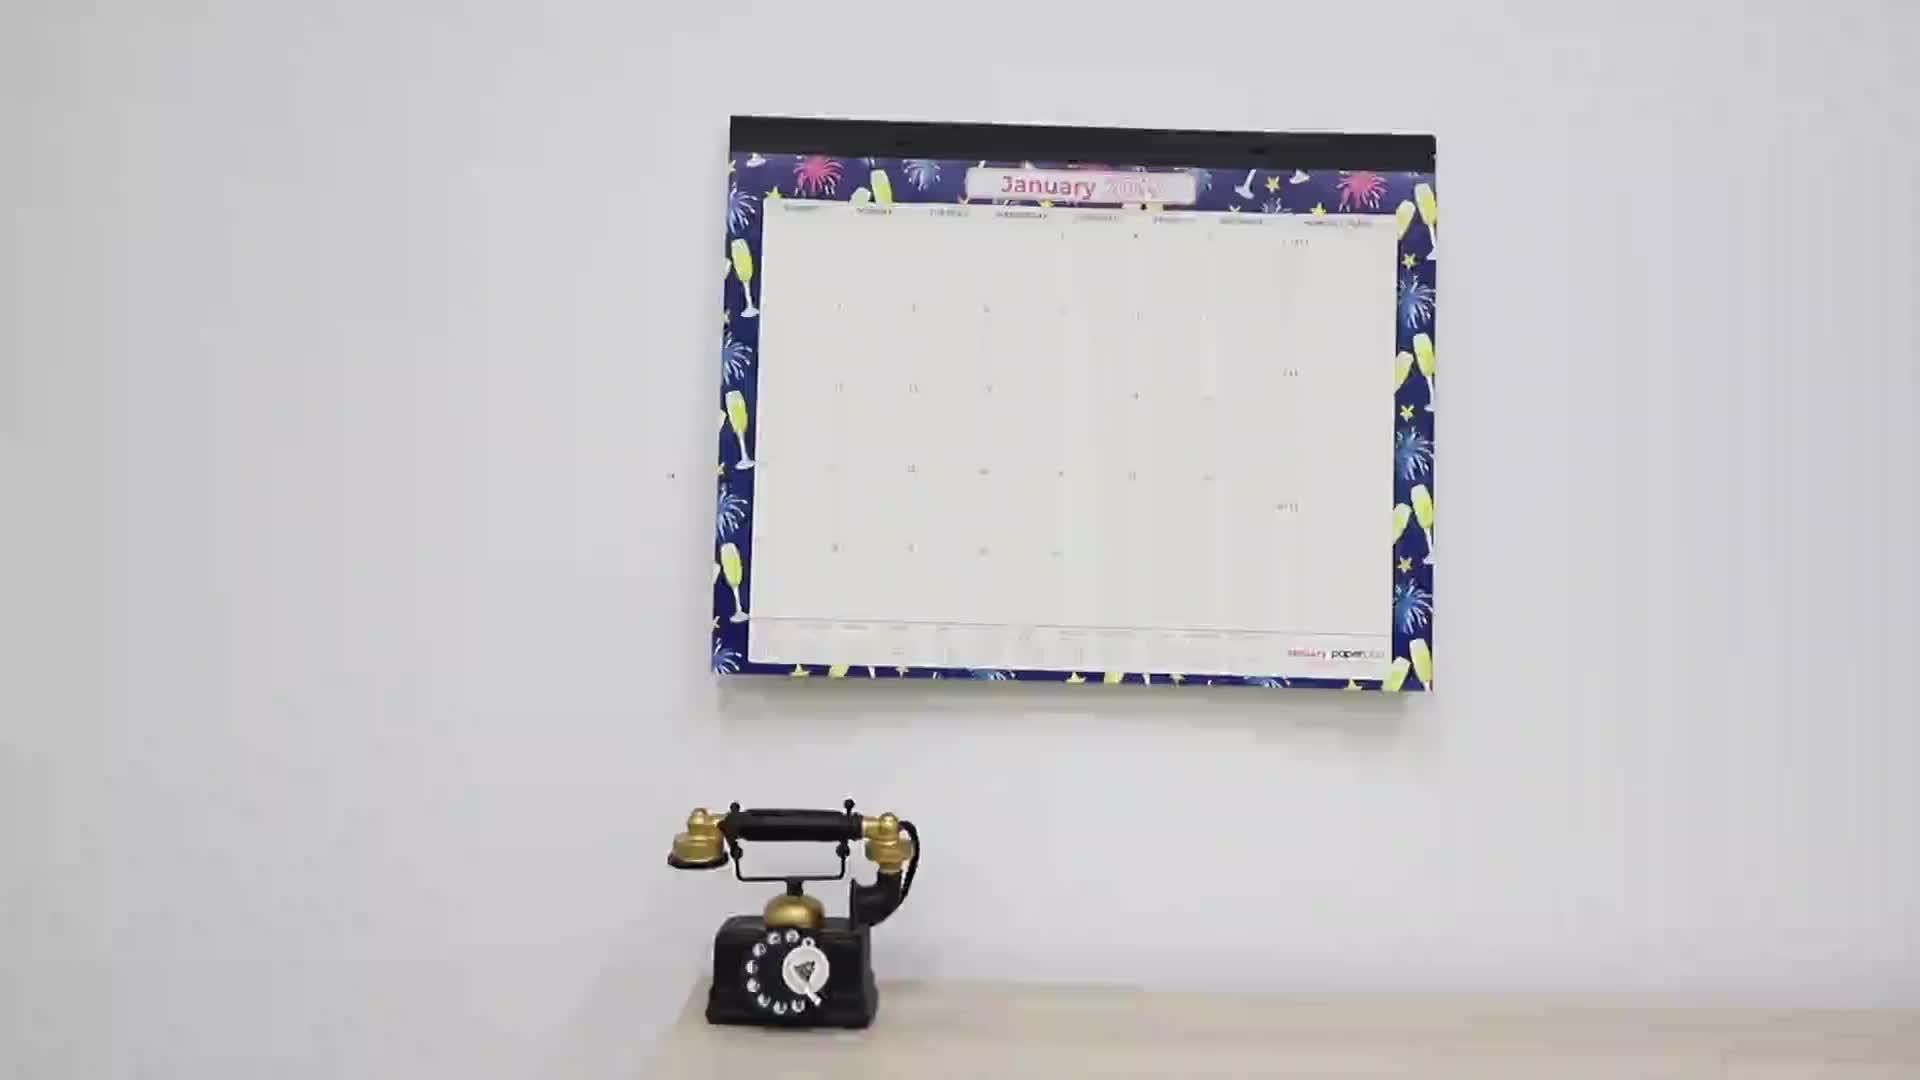 กำหนดเองร้อนขาย 2019 แม่เหล็กฉีกขาดโต๊ะ Planner ปฏิทิน Notepad พิมพ์ทุกวัน Annual Planner ปฏิทินผนัง